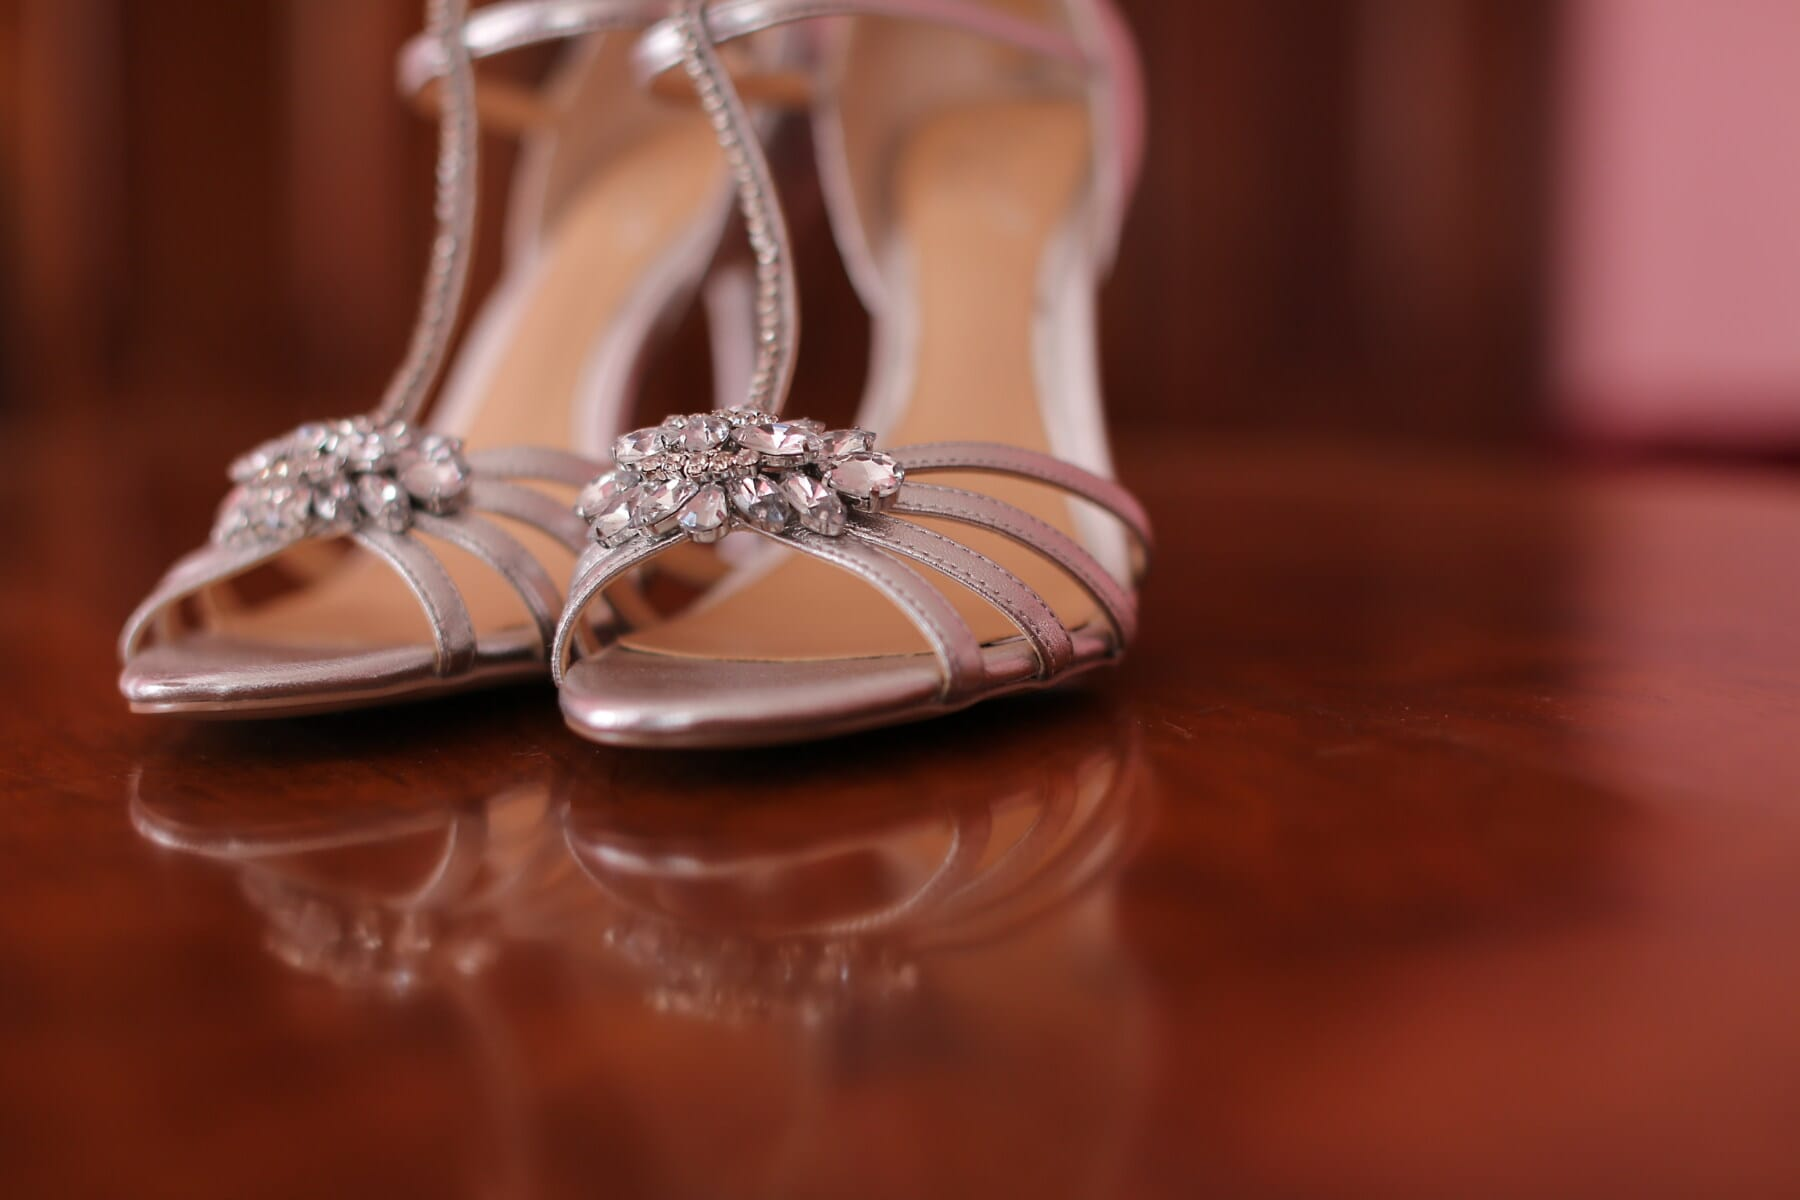 bijoux, crystal, sandale, chaussures, talons hauts, chaussures, chaussure, mode, brillante, élégant